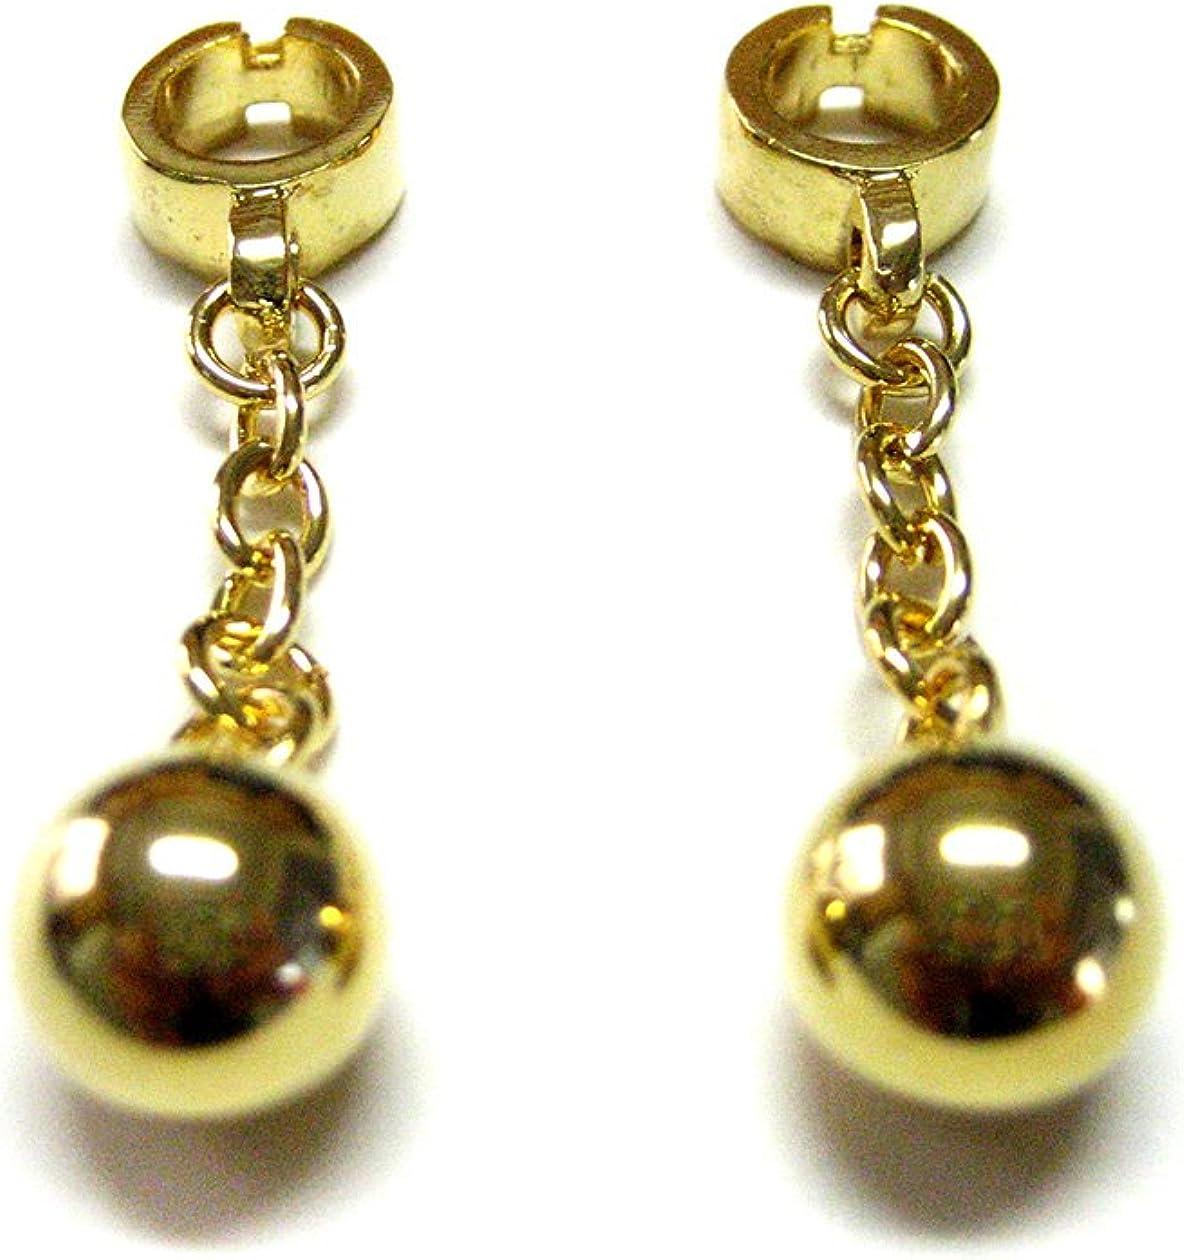 Wedding Golden Ball and Chain Cufflinks